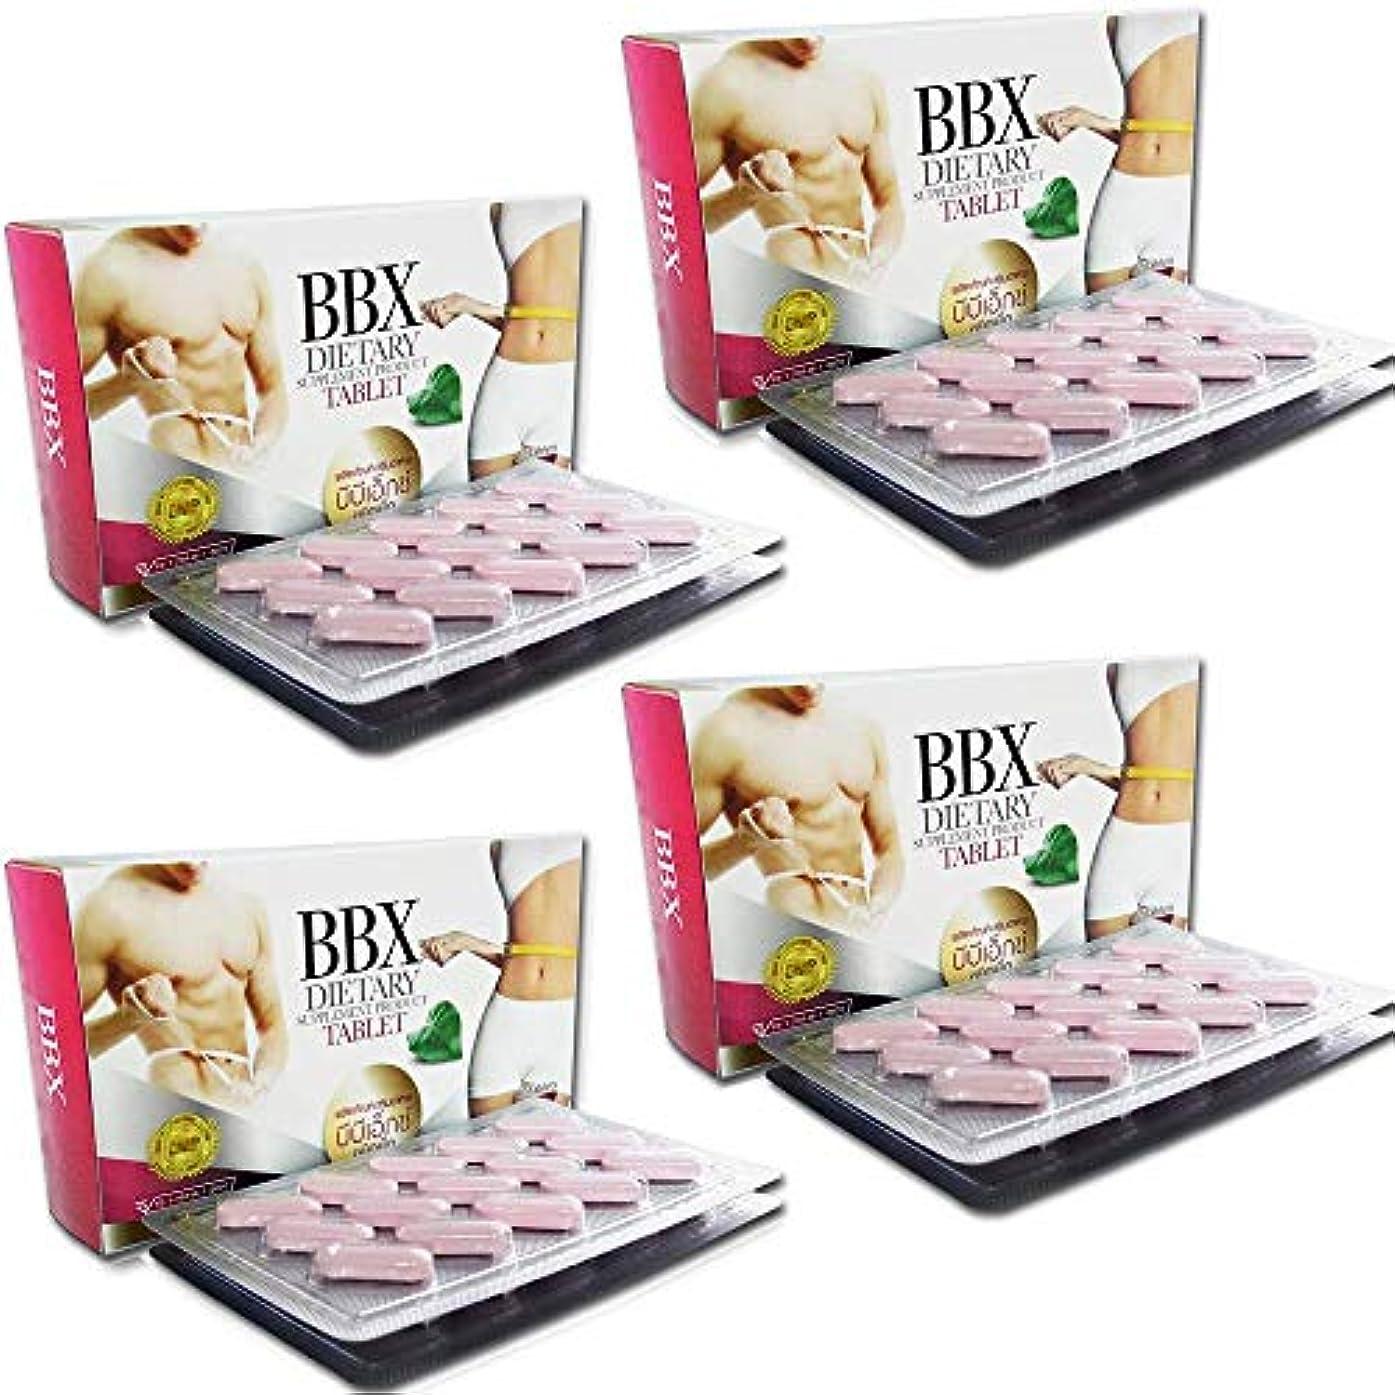 教え精度ファームクリニックや医師が推奨するダイエットサプリBBX 公式パンフレット&説明書付き 4箱合計120錠